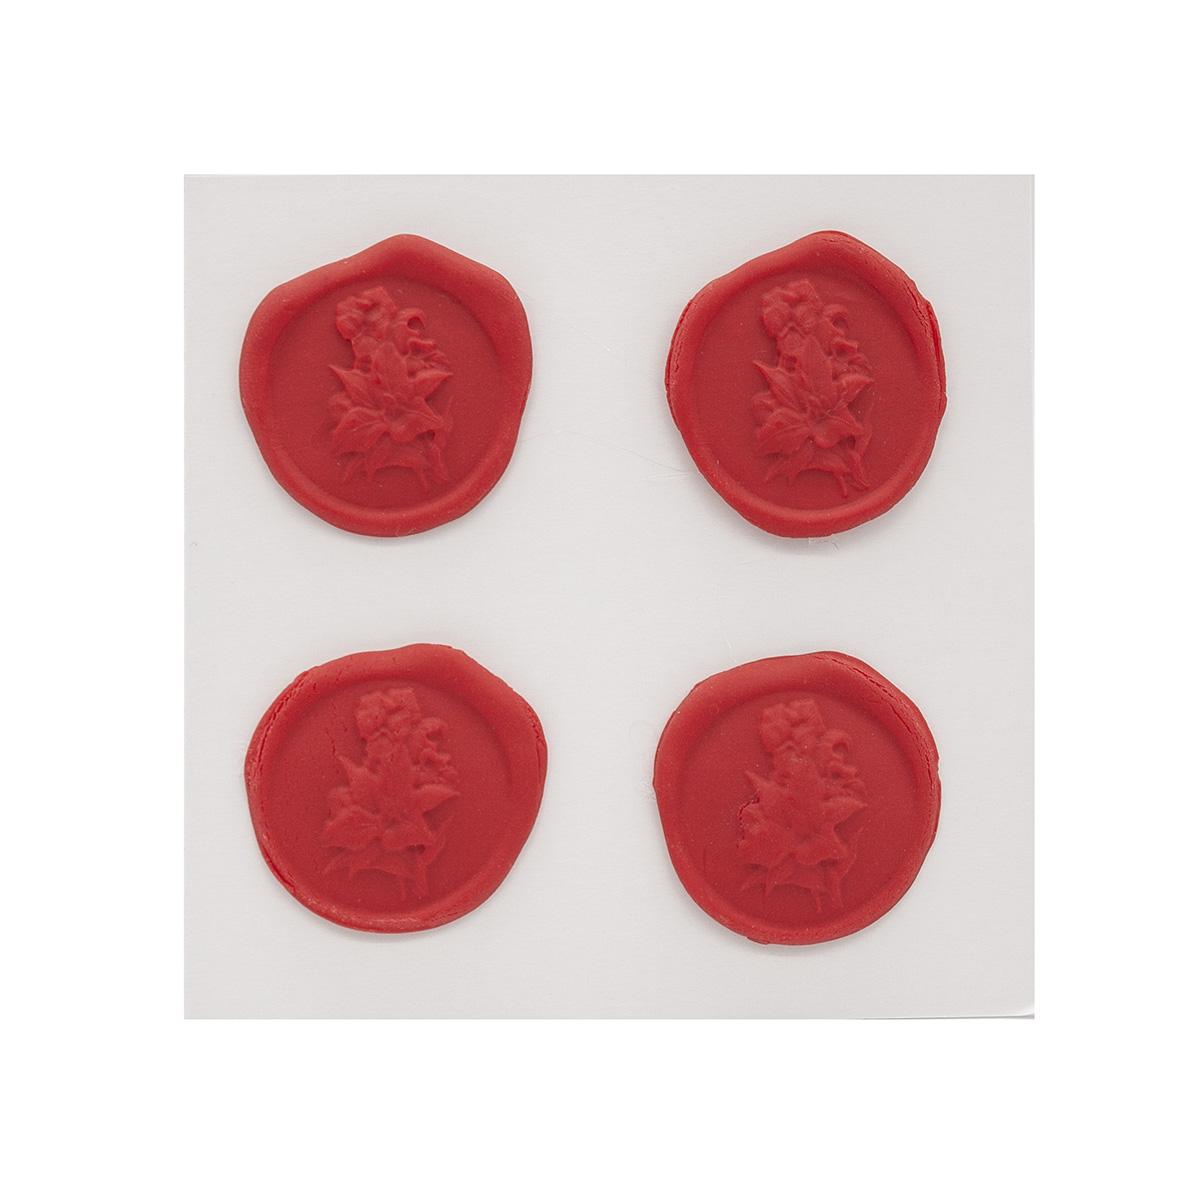 Оттиски печатей из полимерной глины 'Букет' 30*35мм, 4шт/упак Астра